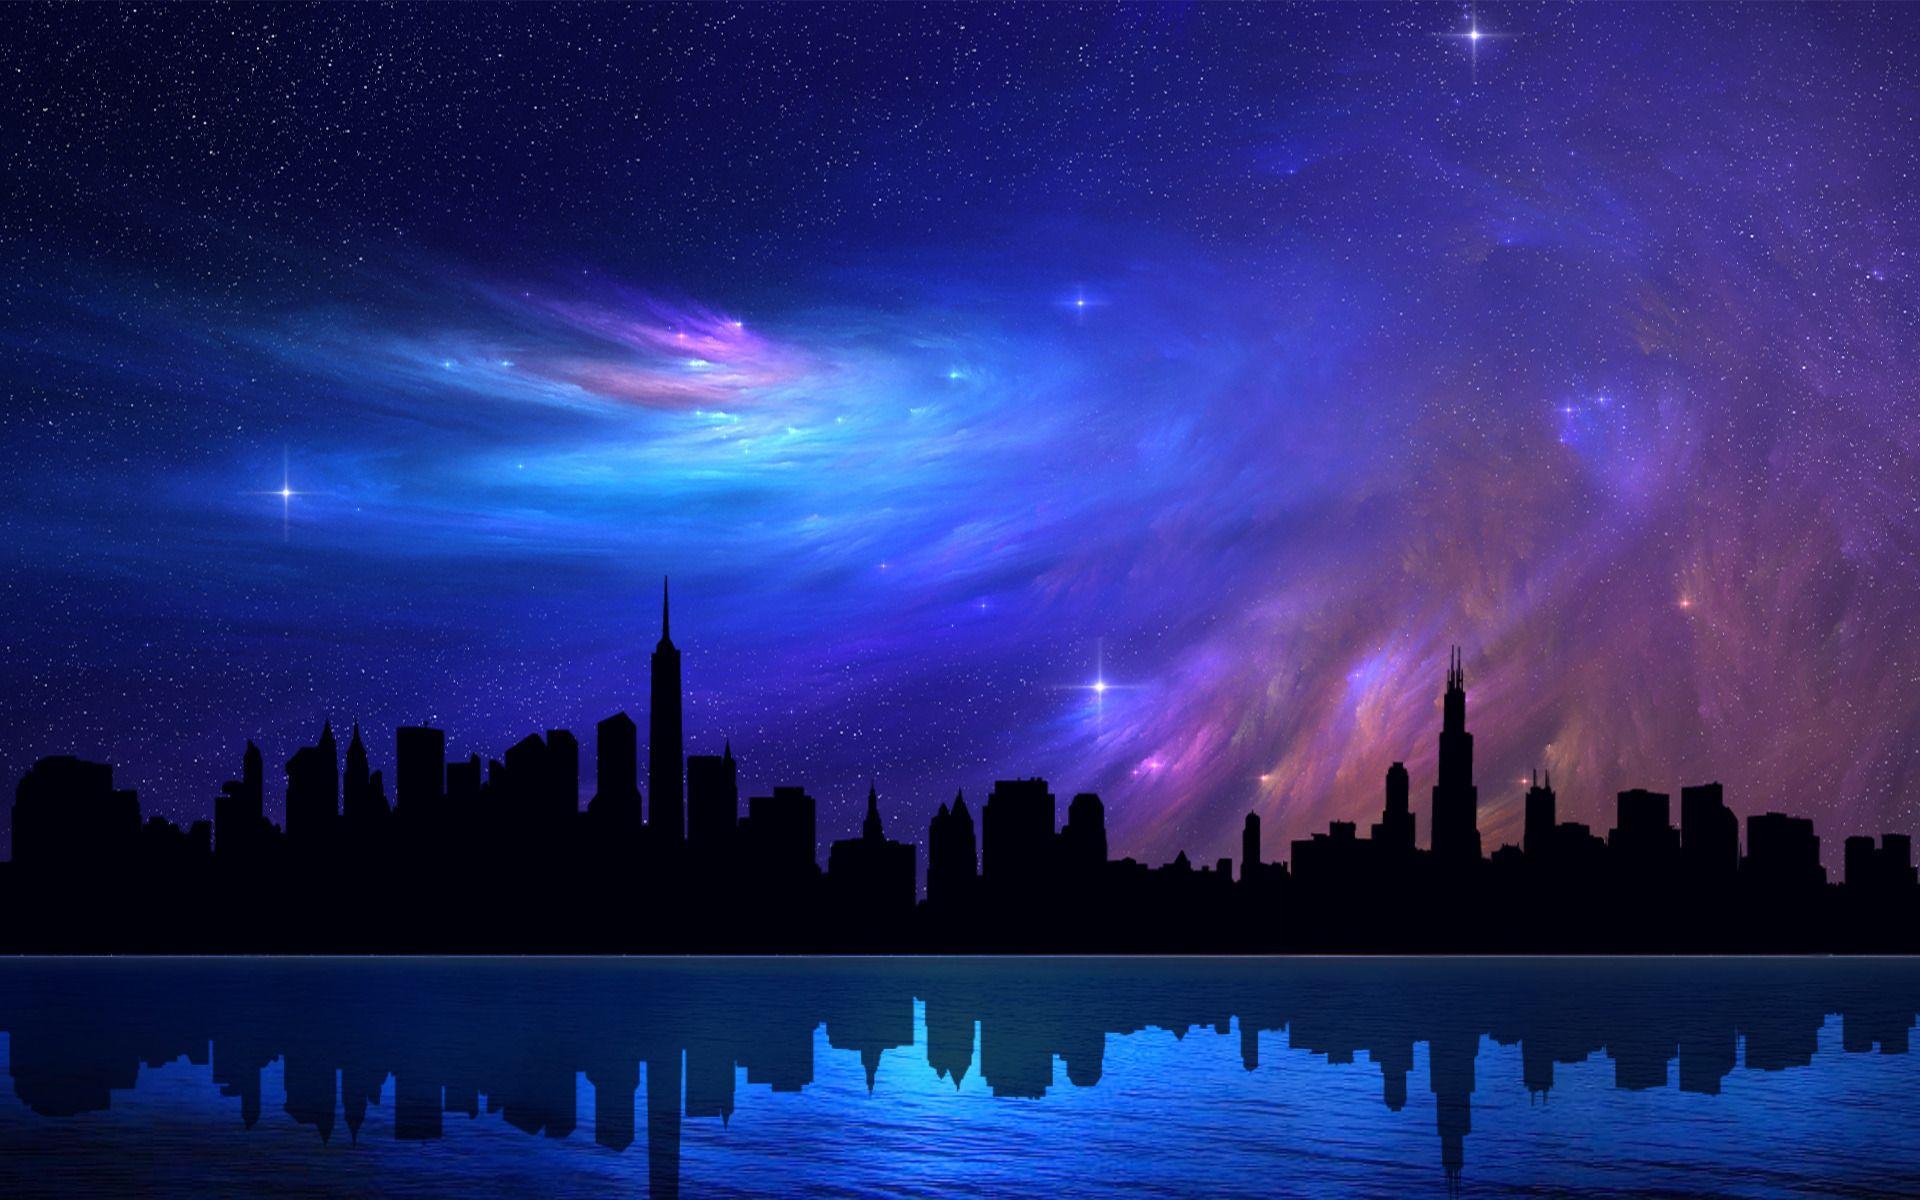 Fond D Ecran Hd Art Ciel Bleu Fond Ecran Hd Paysage Romantique Fond Ecran